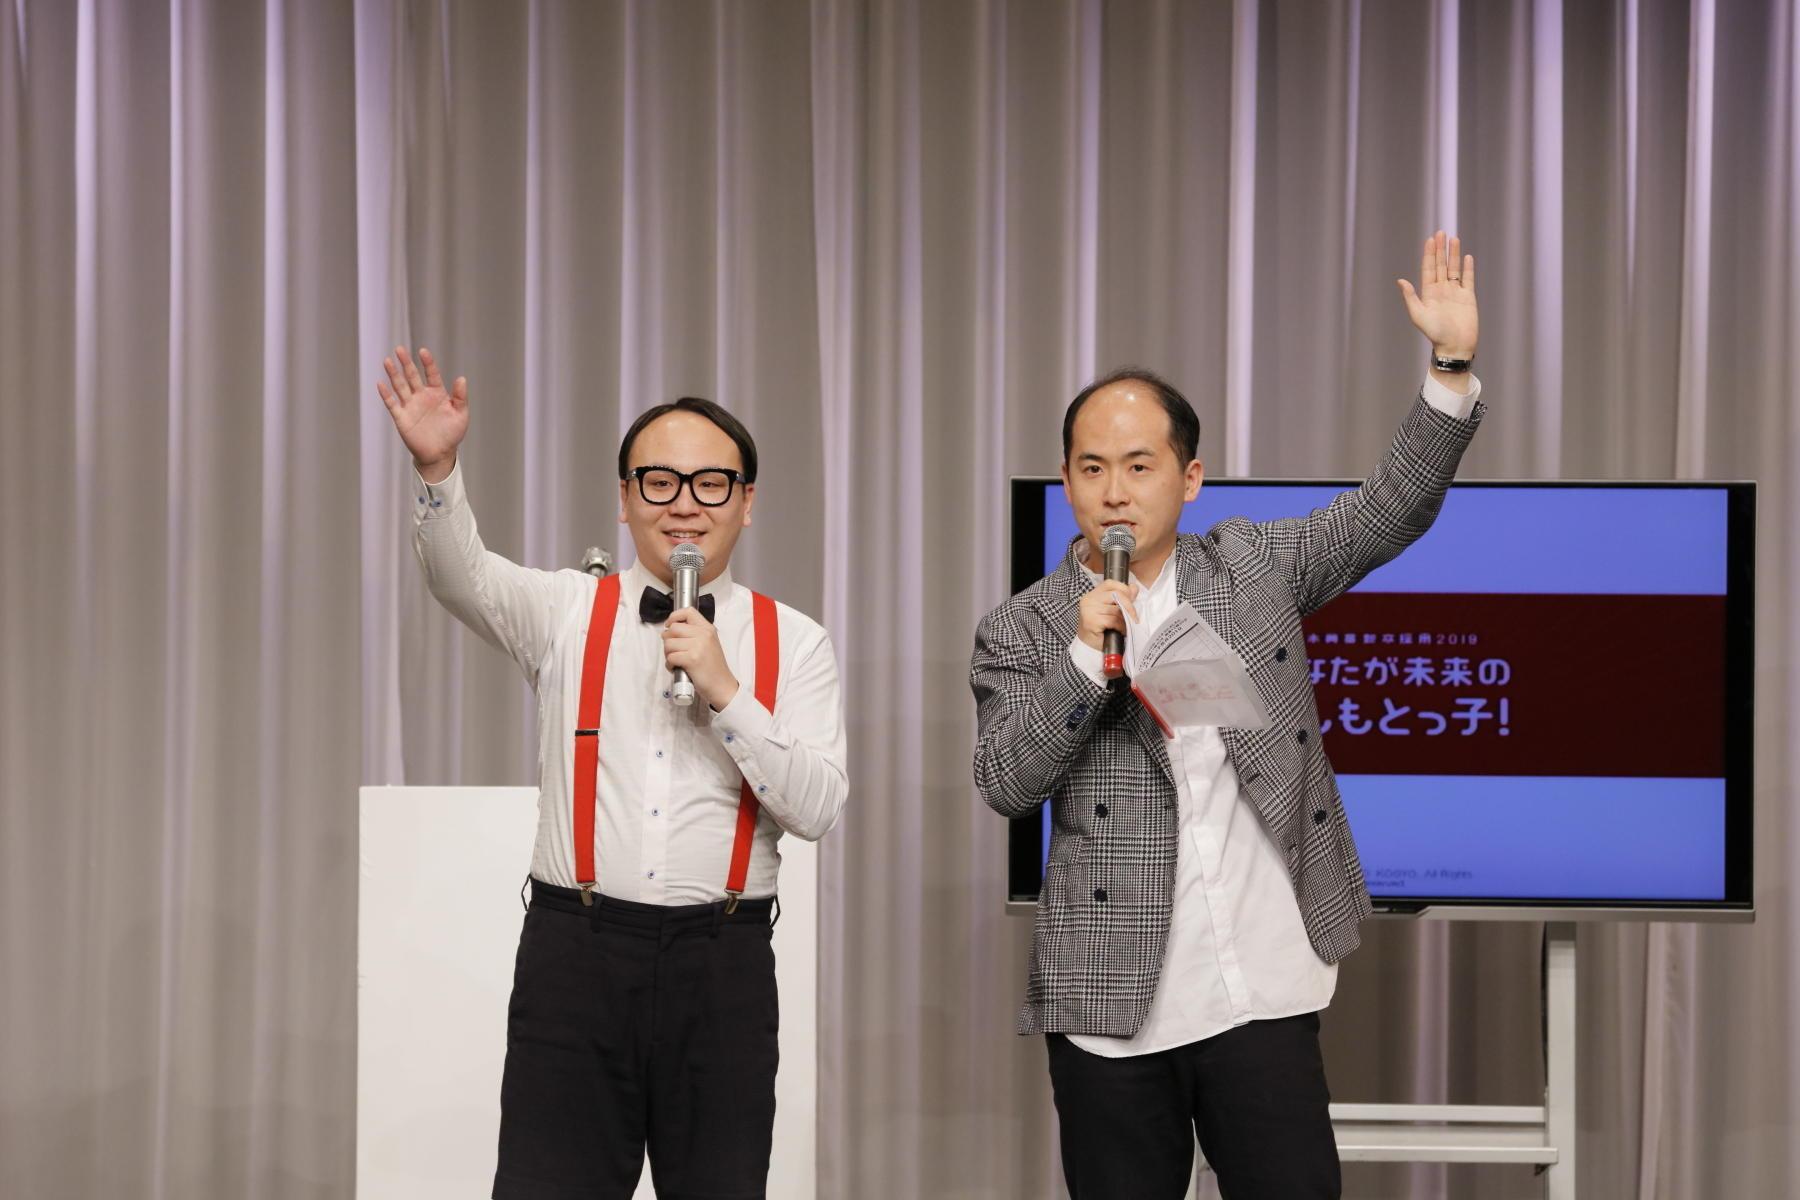 http://news.yoshimoto.co.jp/20180314164008-3fa6d4c2b2e1cae9e71c9ca49823e63bbe3138e4.jpg